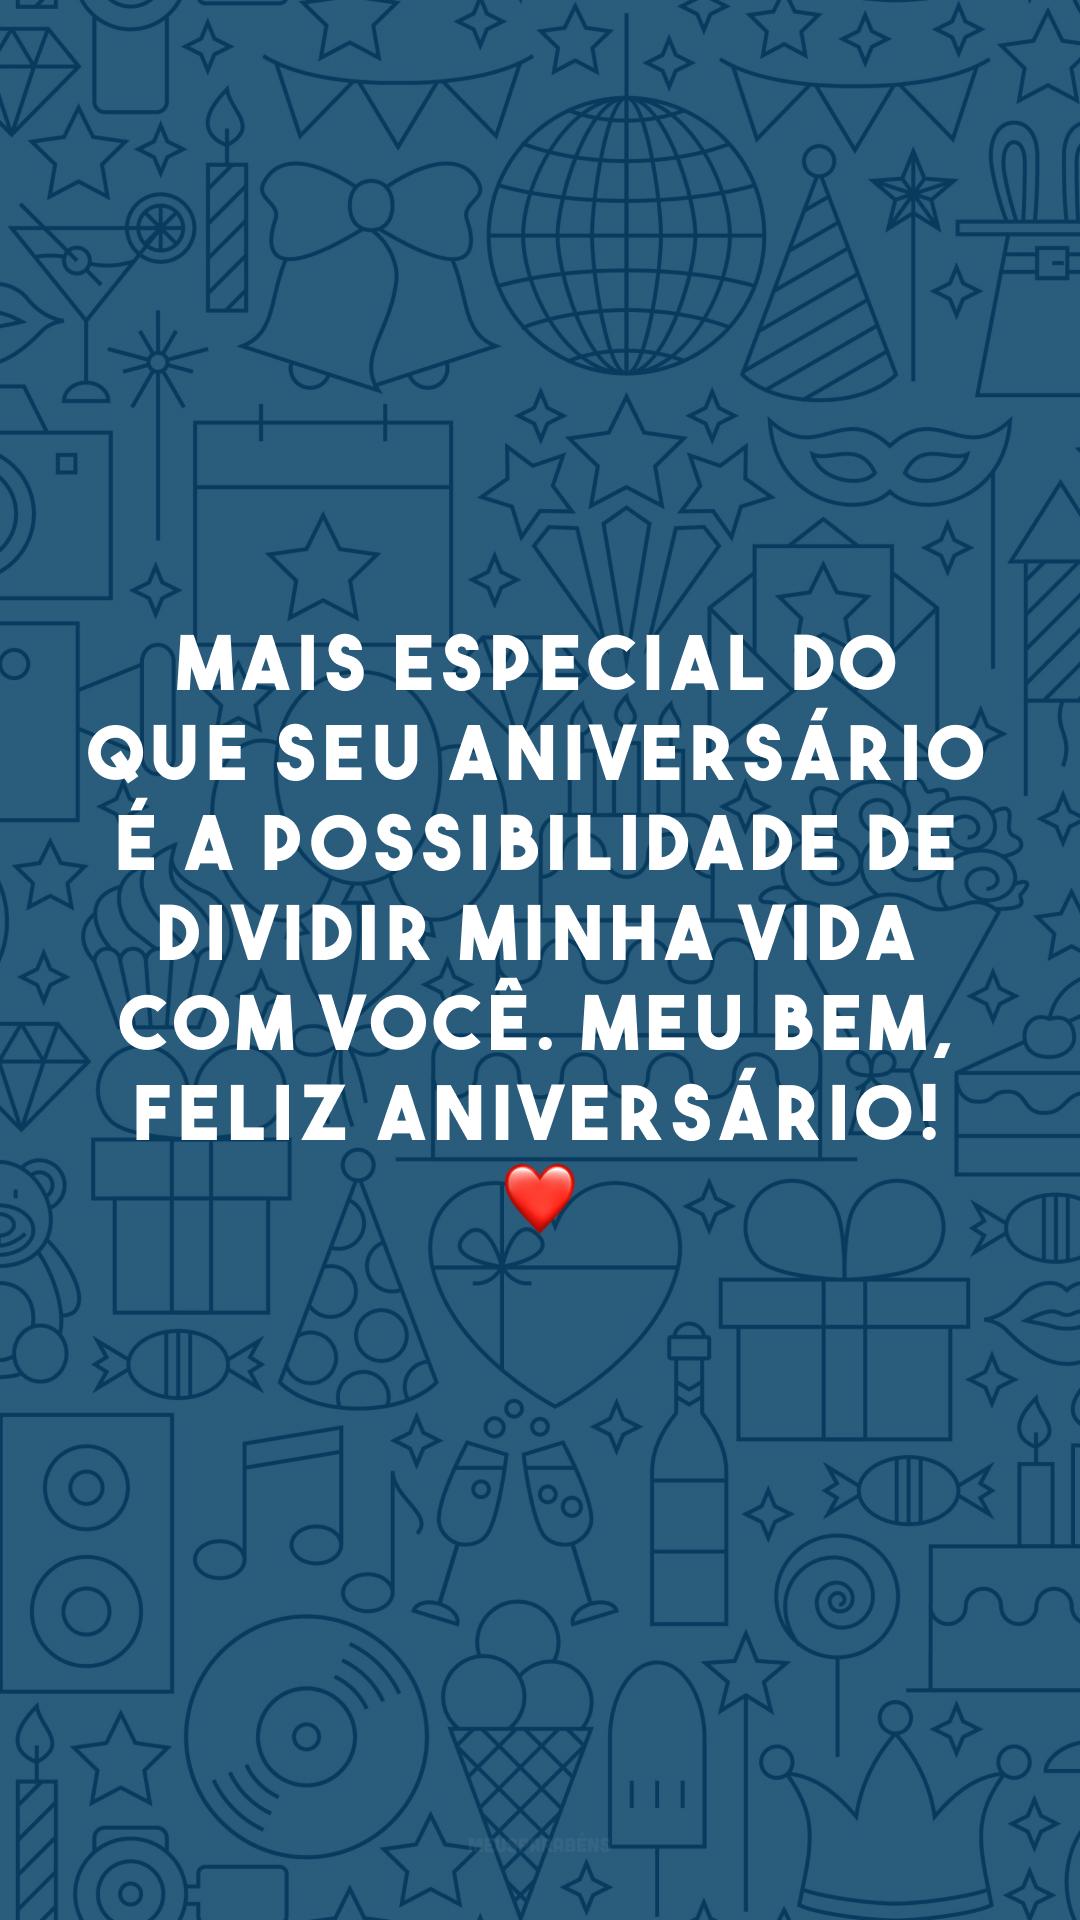 Mais especial do que seu aniversário é a possibilidade de dividir minha vida com você. Meu bem, feliz aniversário! ❤